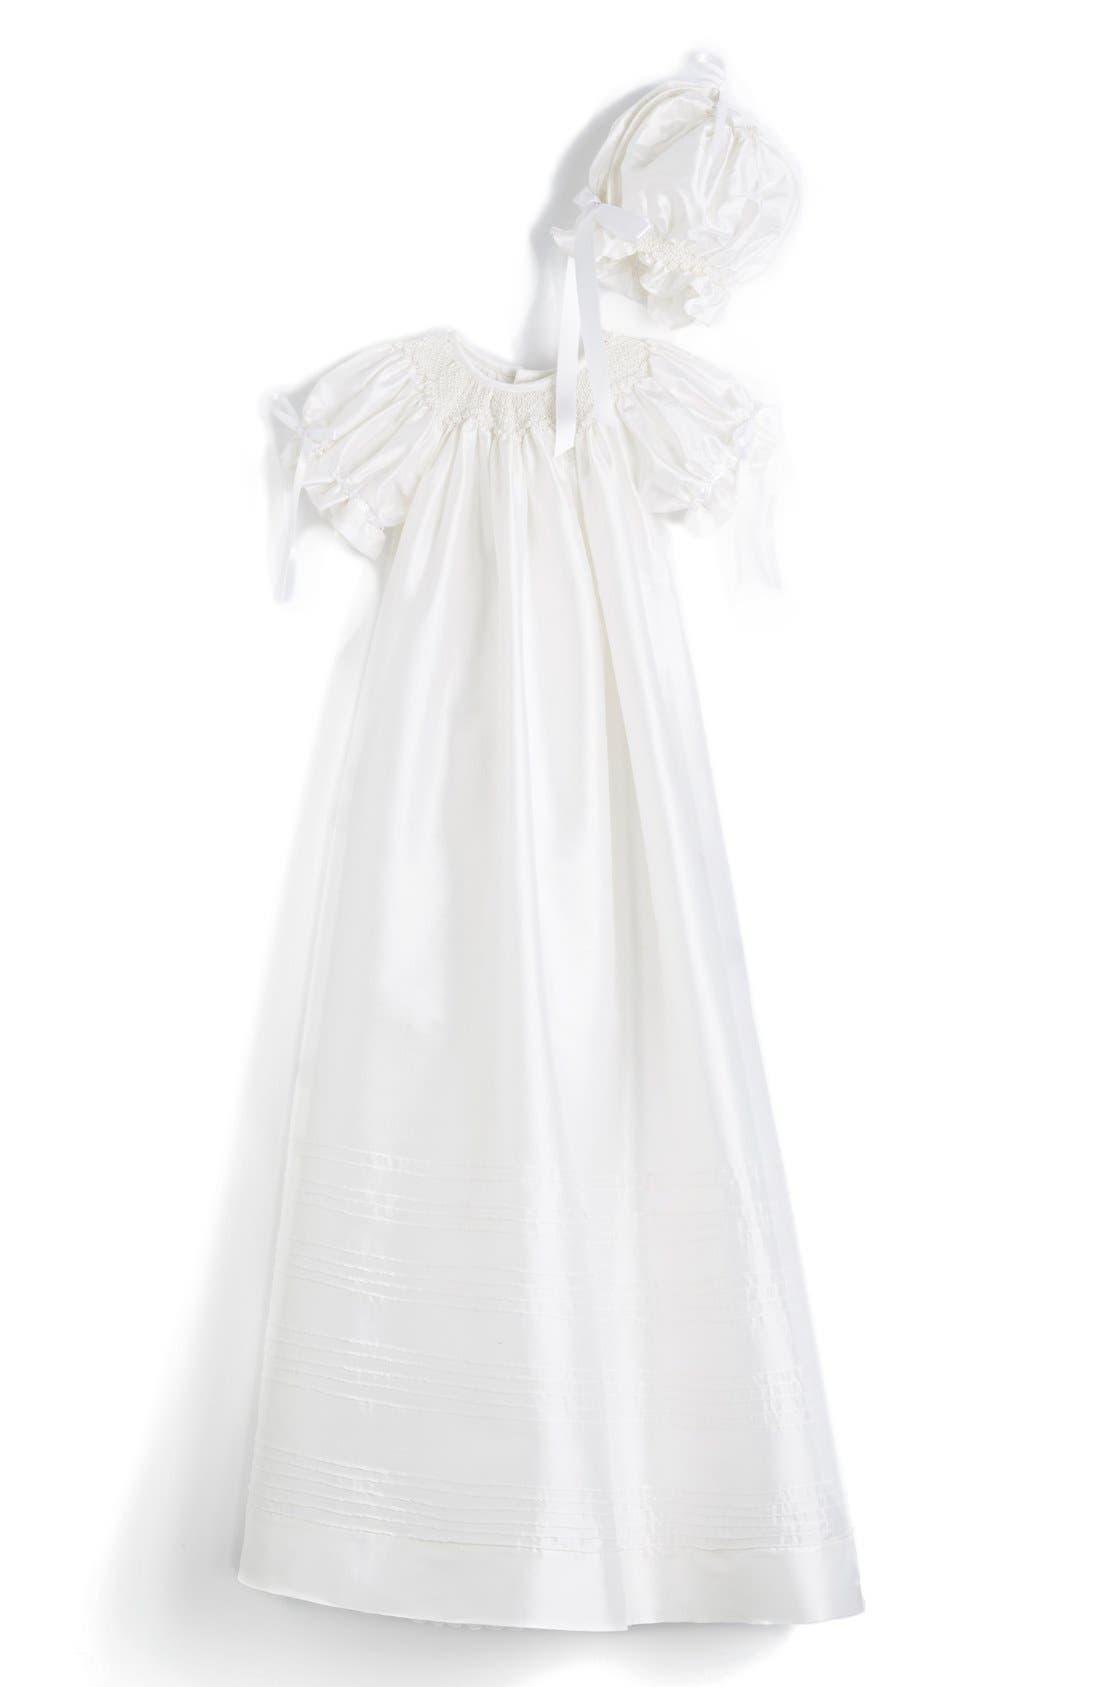 Isabel Garreton 'Garland' Silk Bishop Christening Gown & Bonnet (Baby)